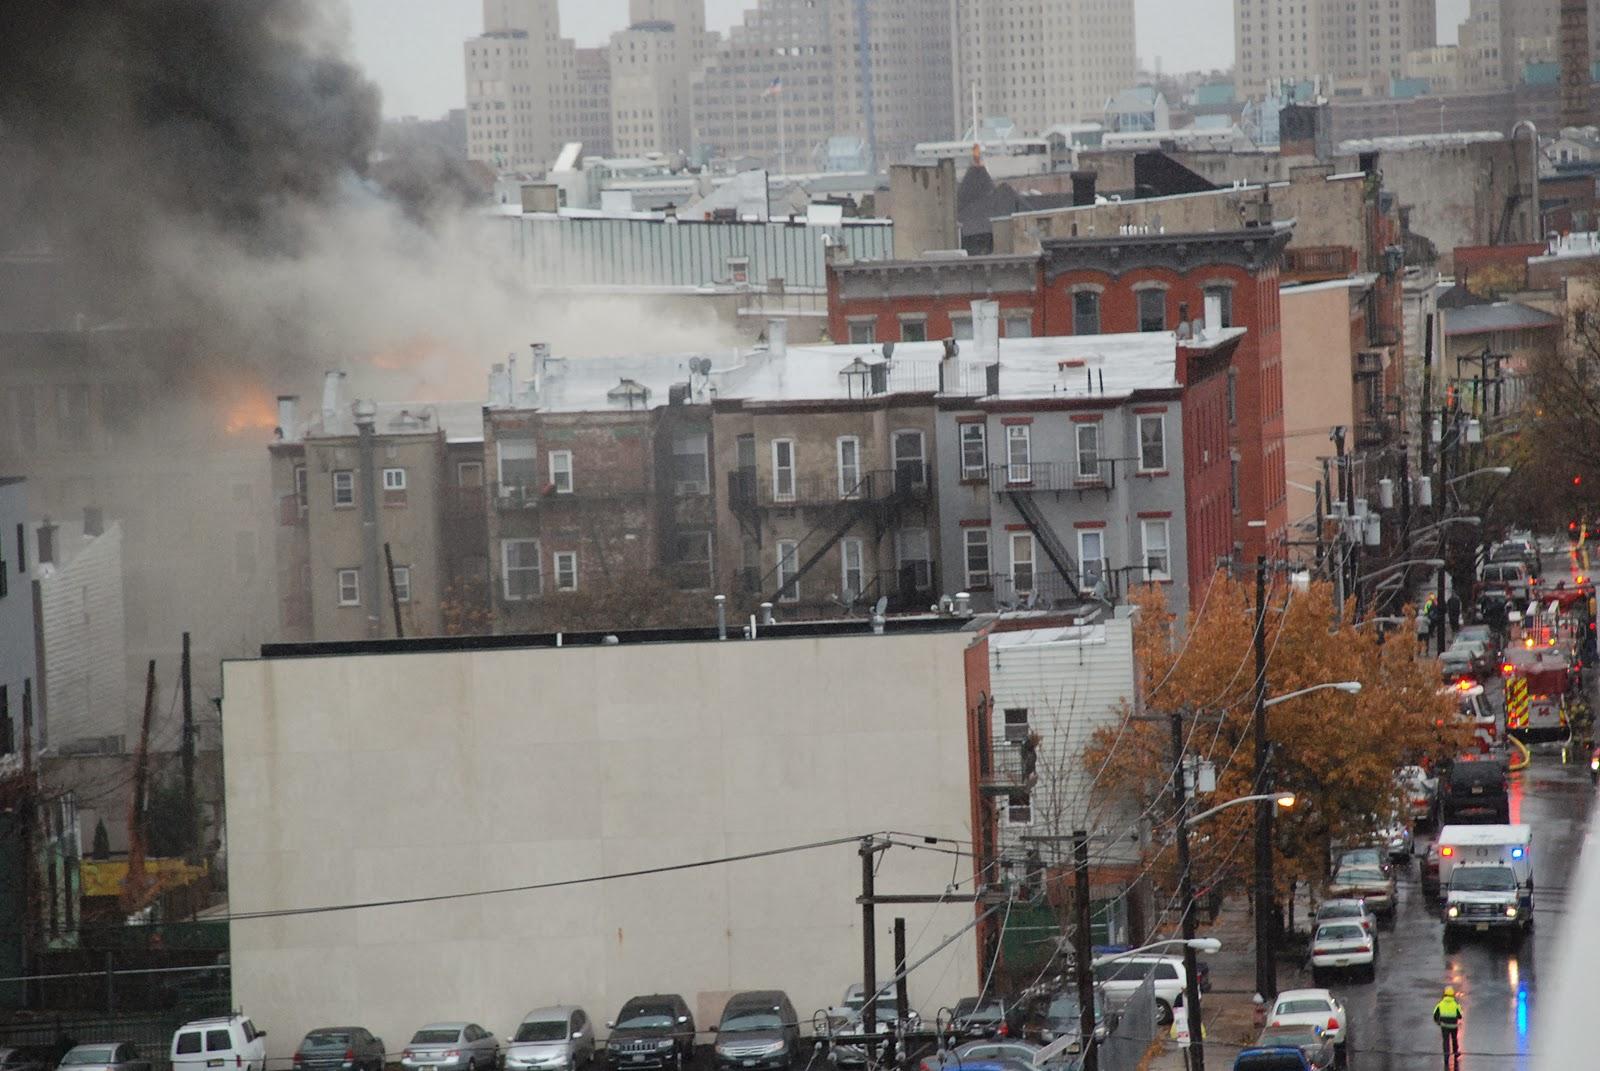 Jersey City Desk: Breaking News: Major fire in downtown Jersey City